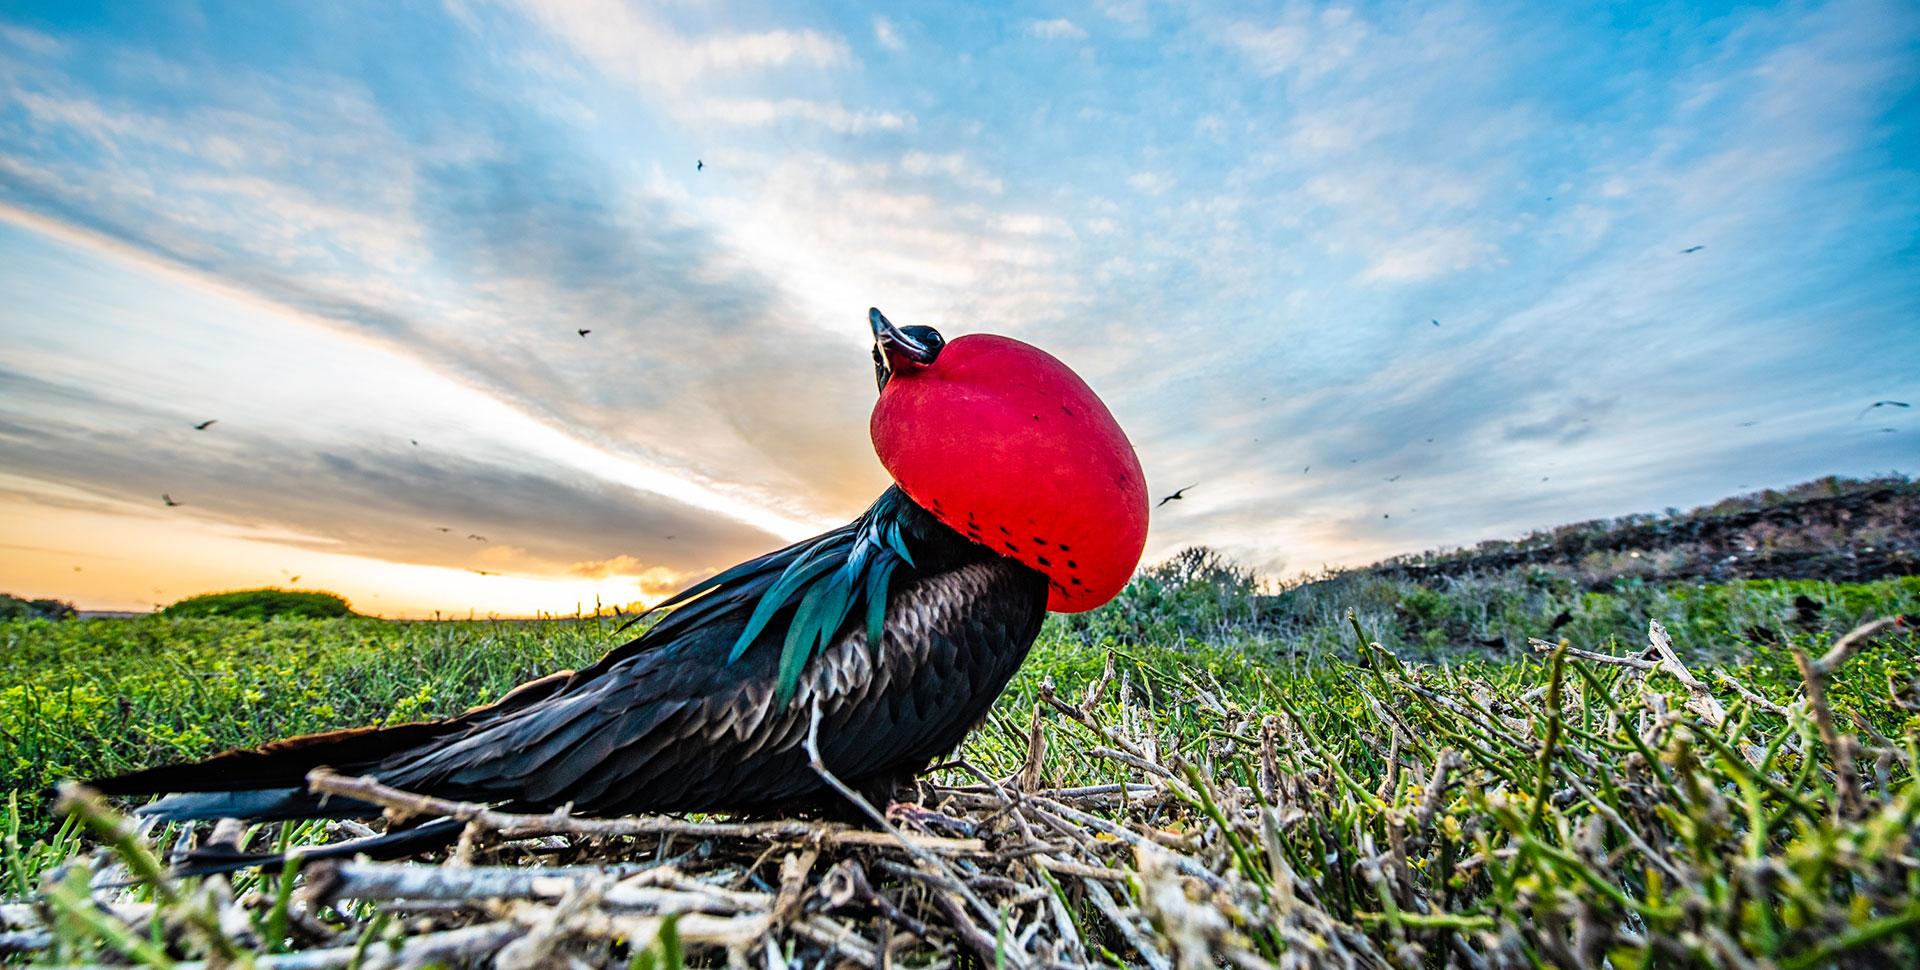 frigatebird-genovesa-island-galapagos